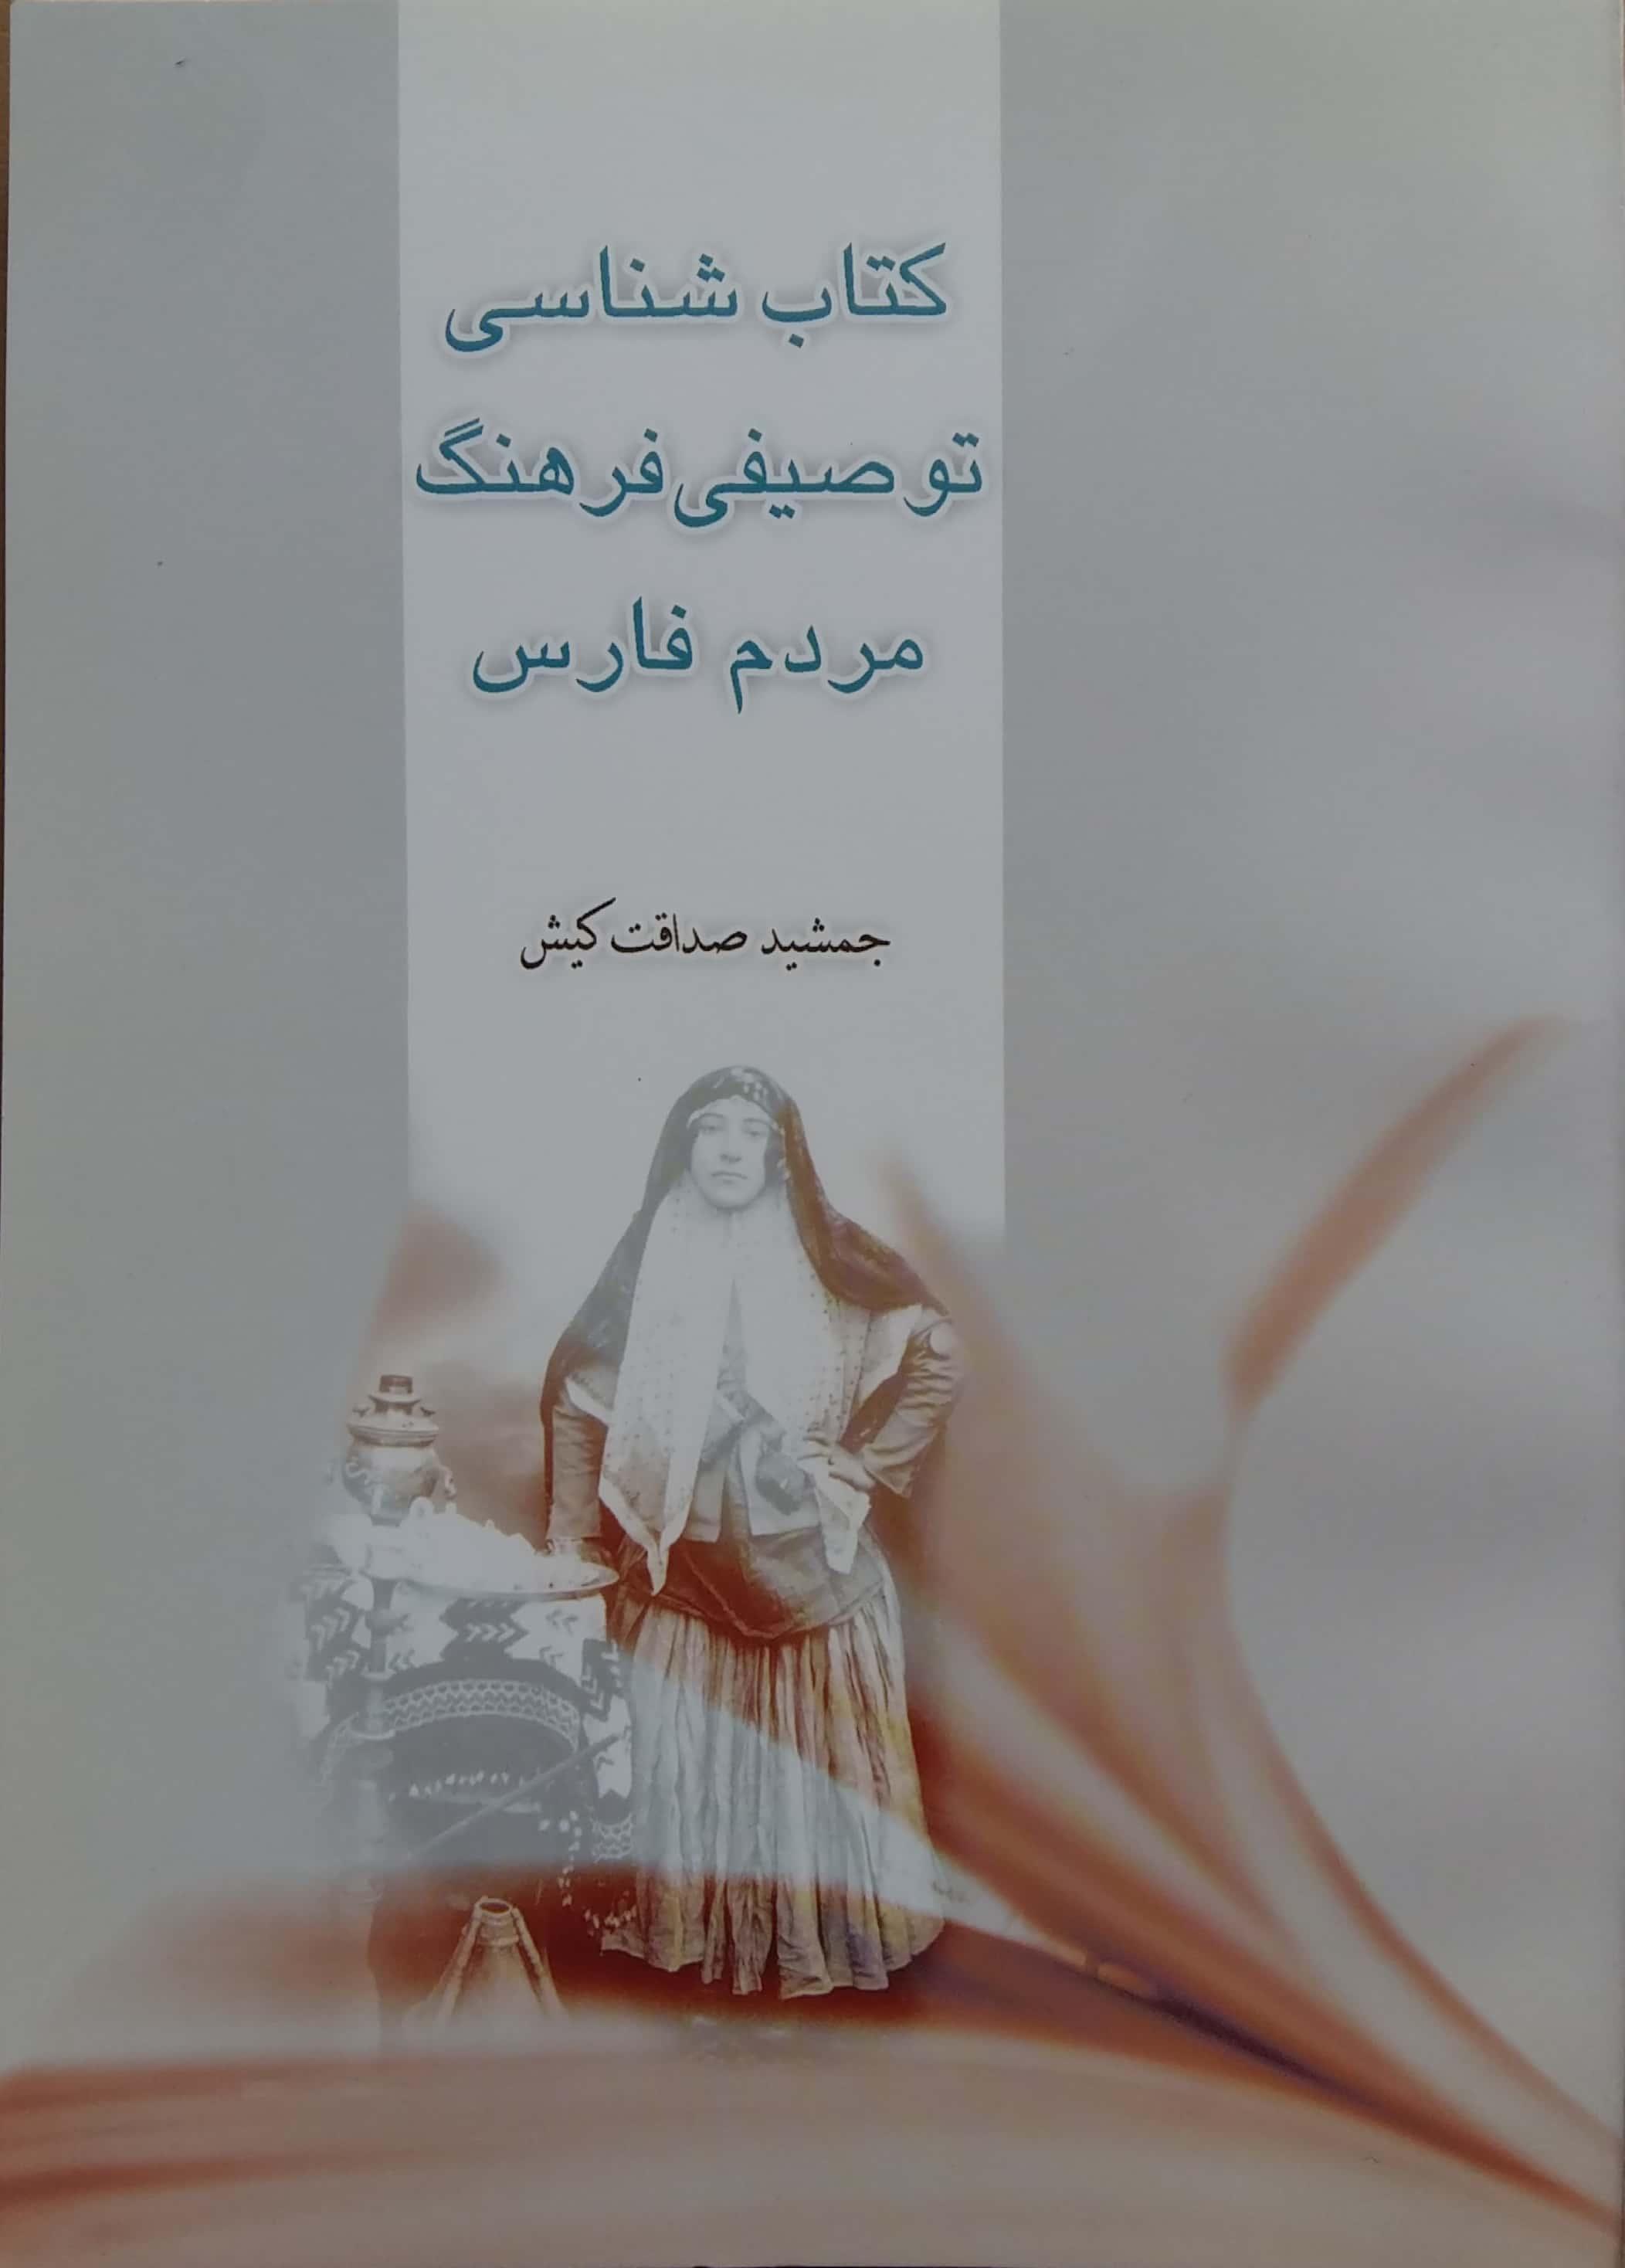 بنياد فارس شناسي کتاب شناسی توصیفی فرهنگ مردم فارس(مولف جمشید صداقت کیش)